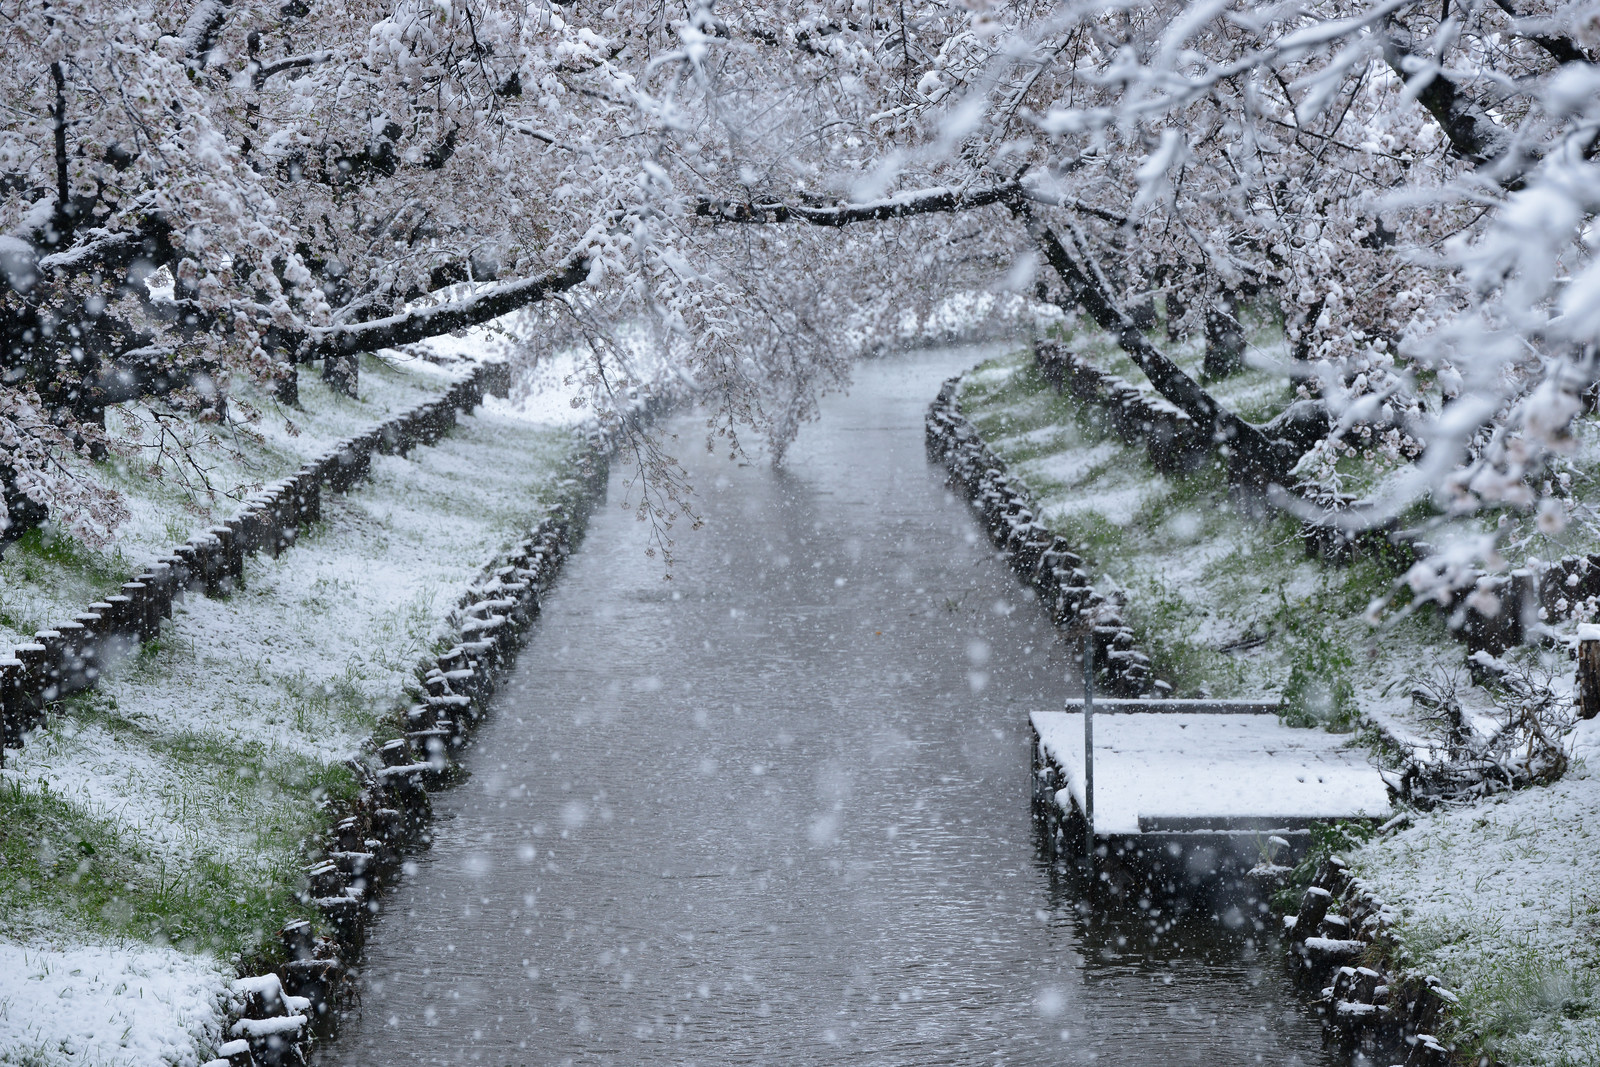 「舞い散る雪と桜と桟橋」の写真